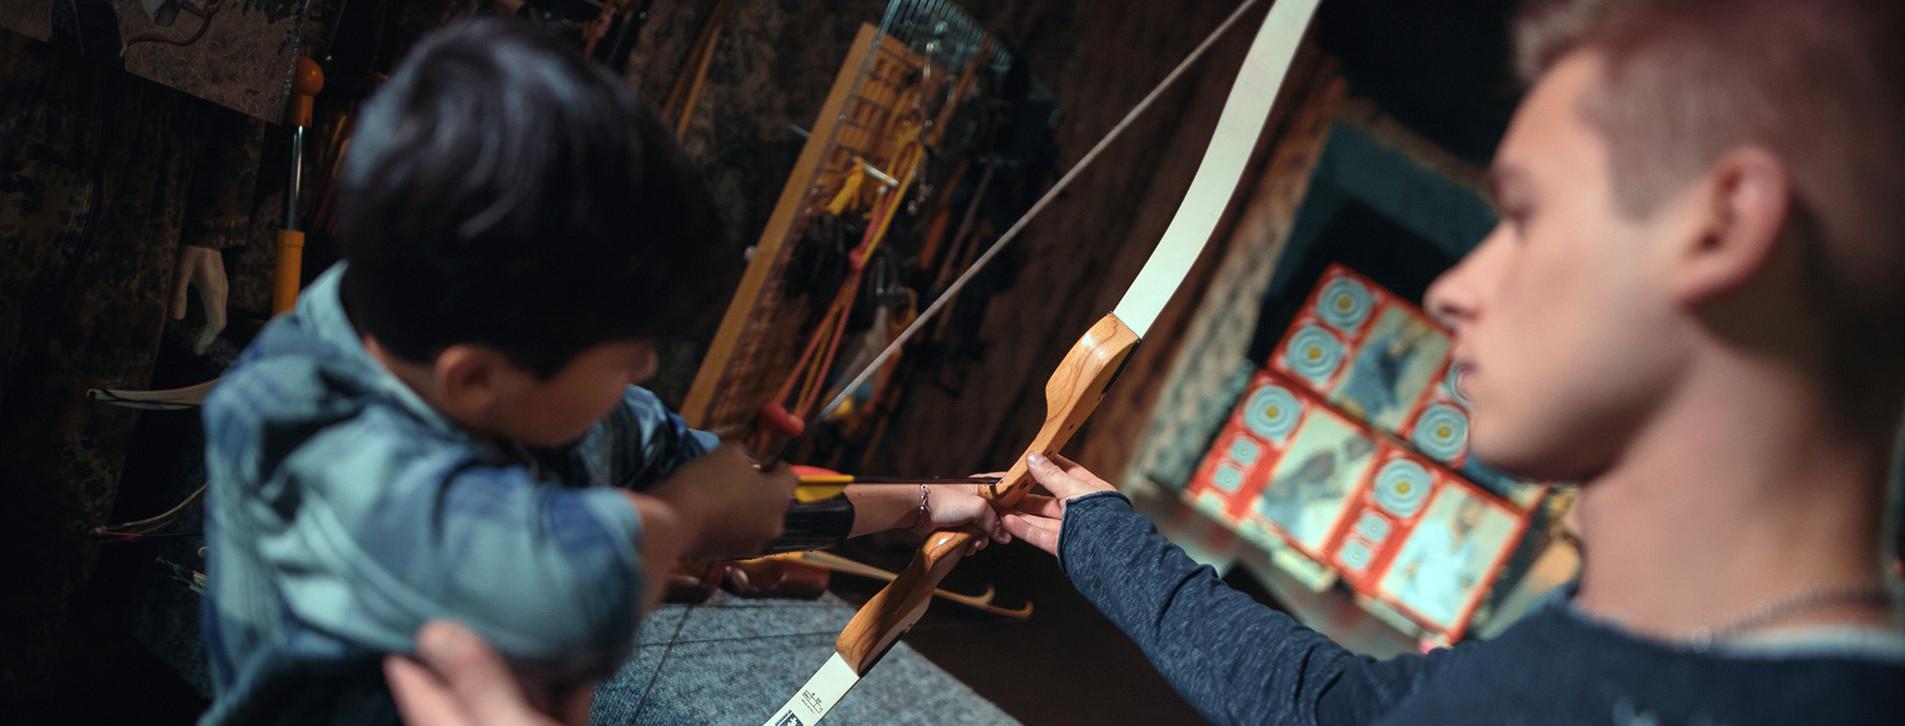 Фото - Детский мастер-класс стрельбы из лука